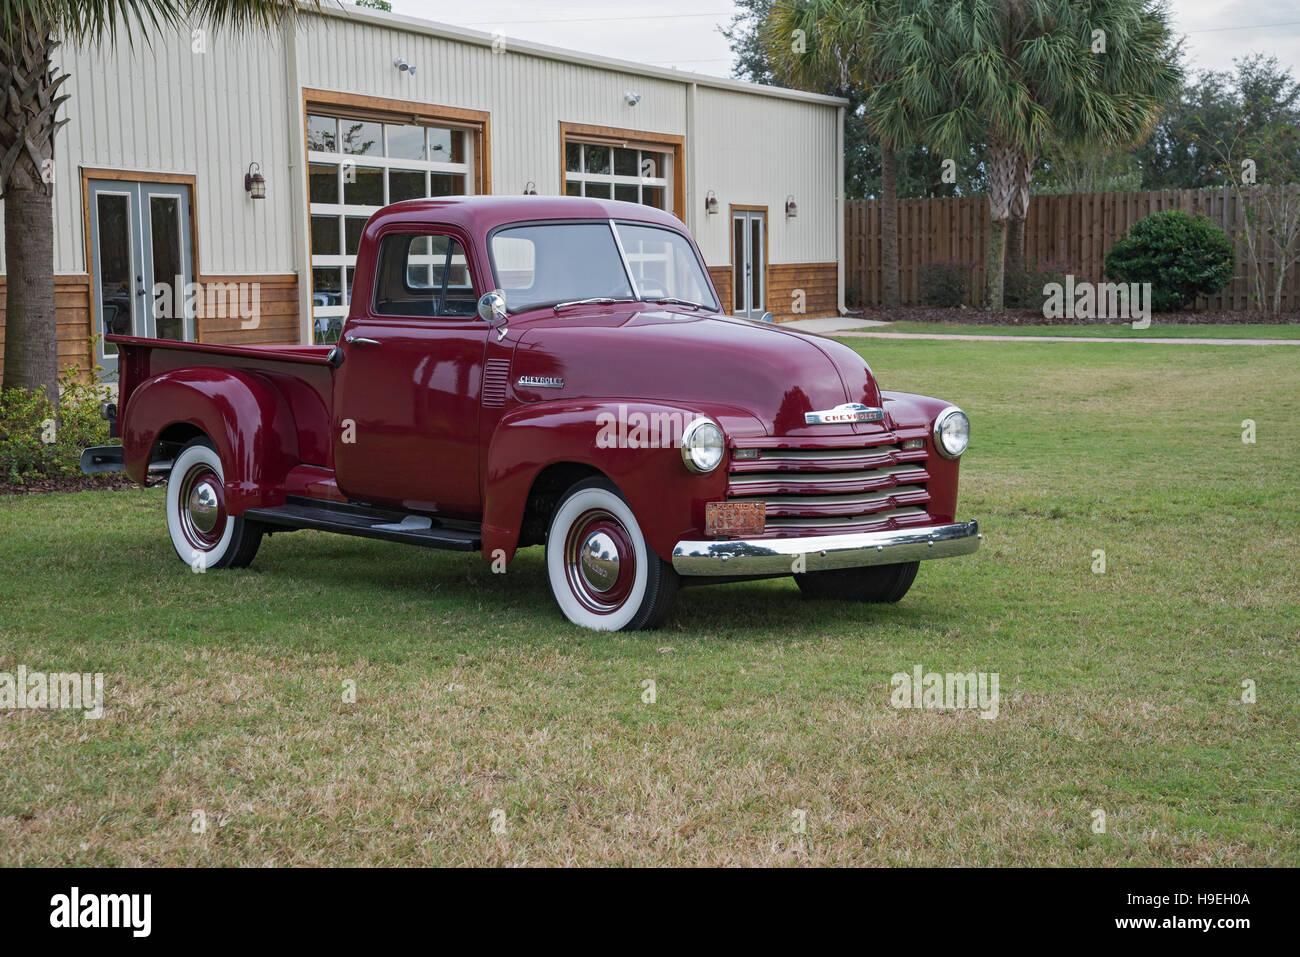 1950s Era Chevy Truck Stockfotos Und Bilder Kaufen Alamy